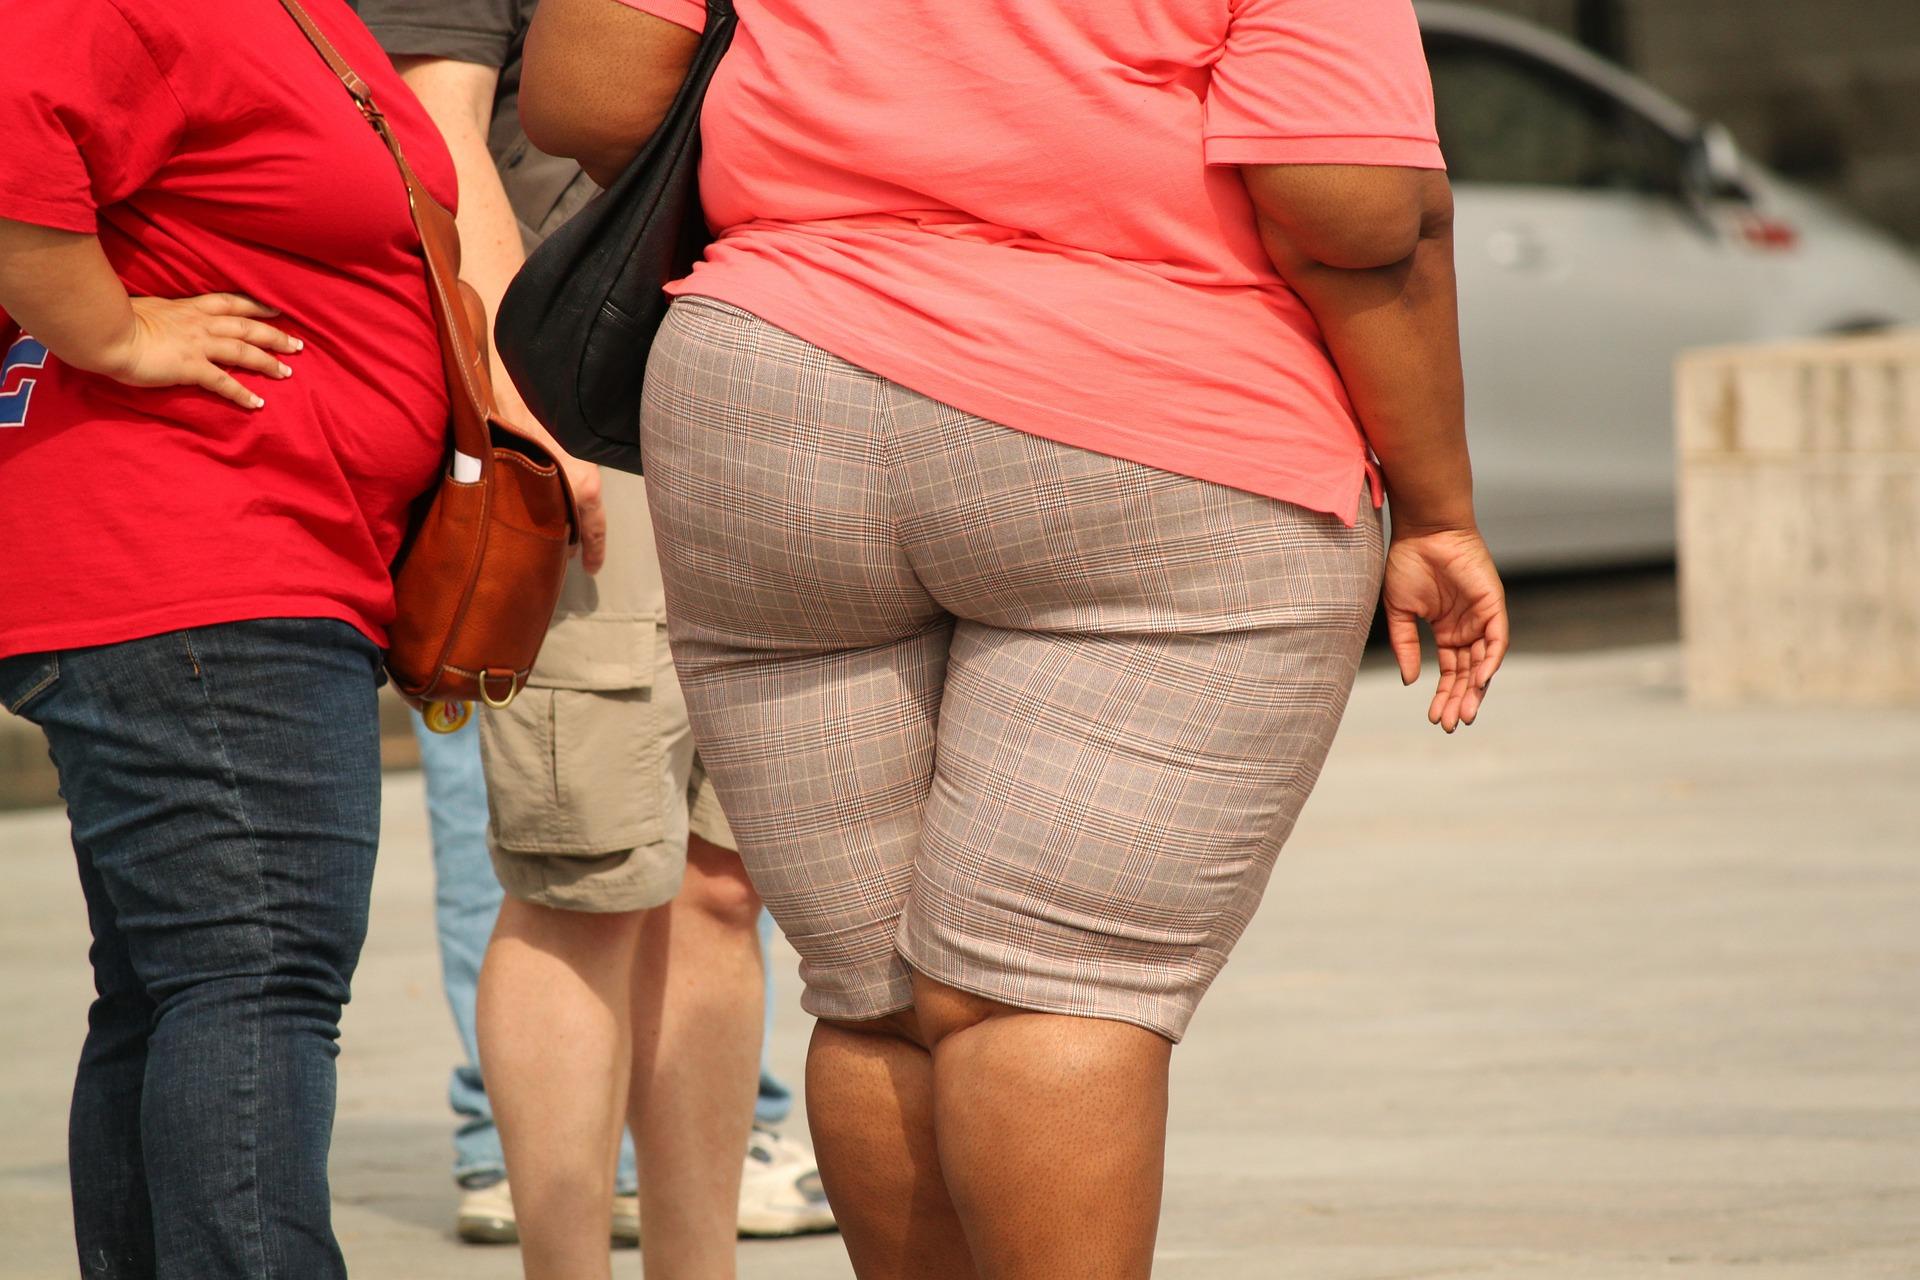 La obesidad aumenta el riesgo de sufrir depresión